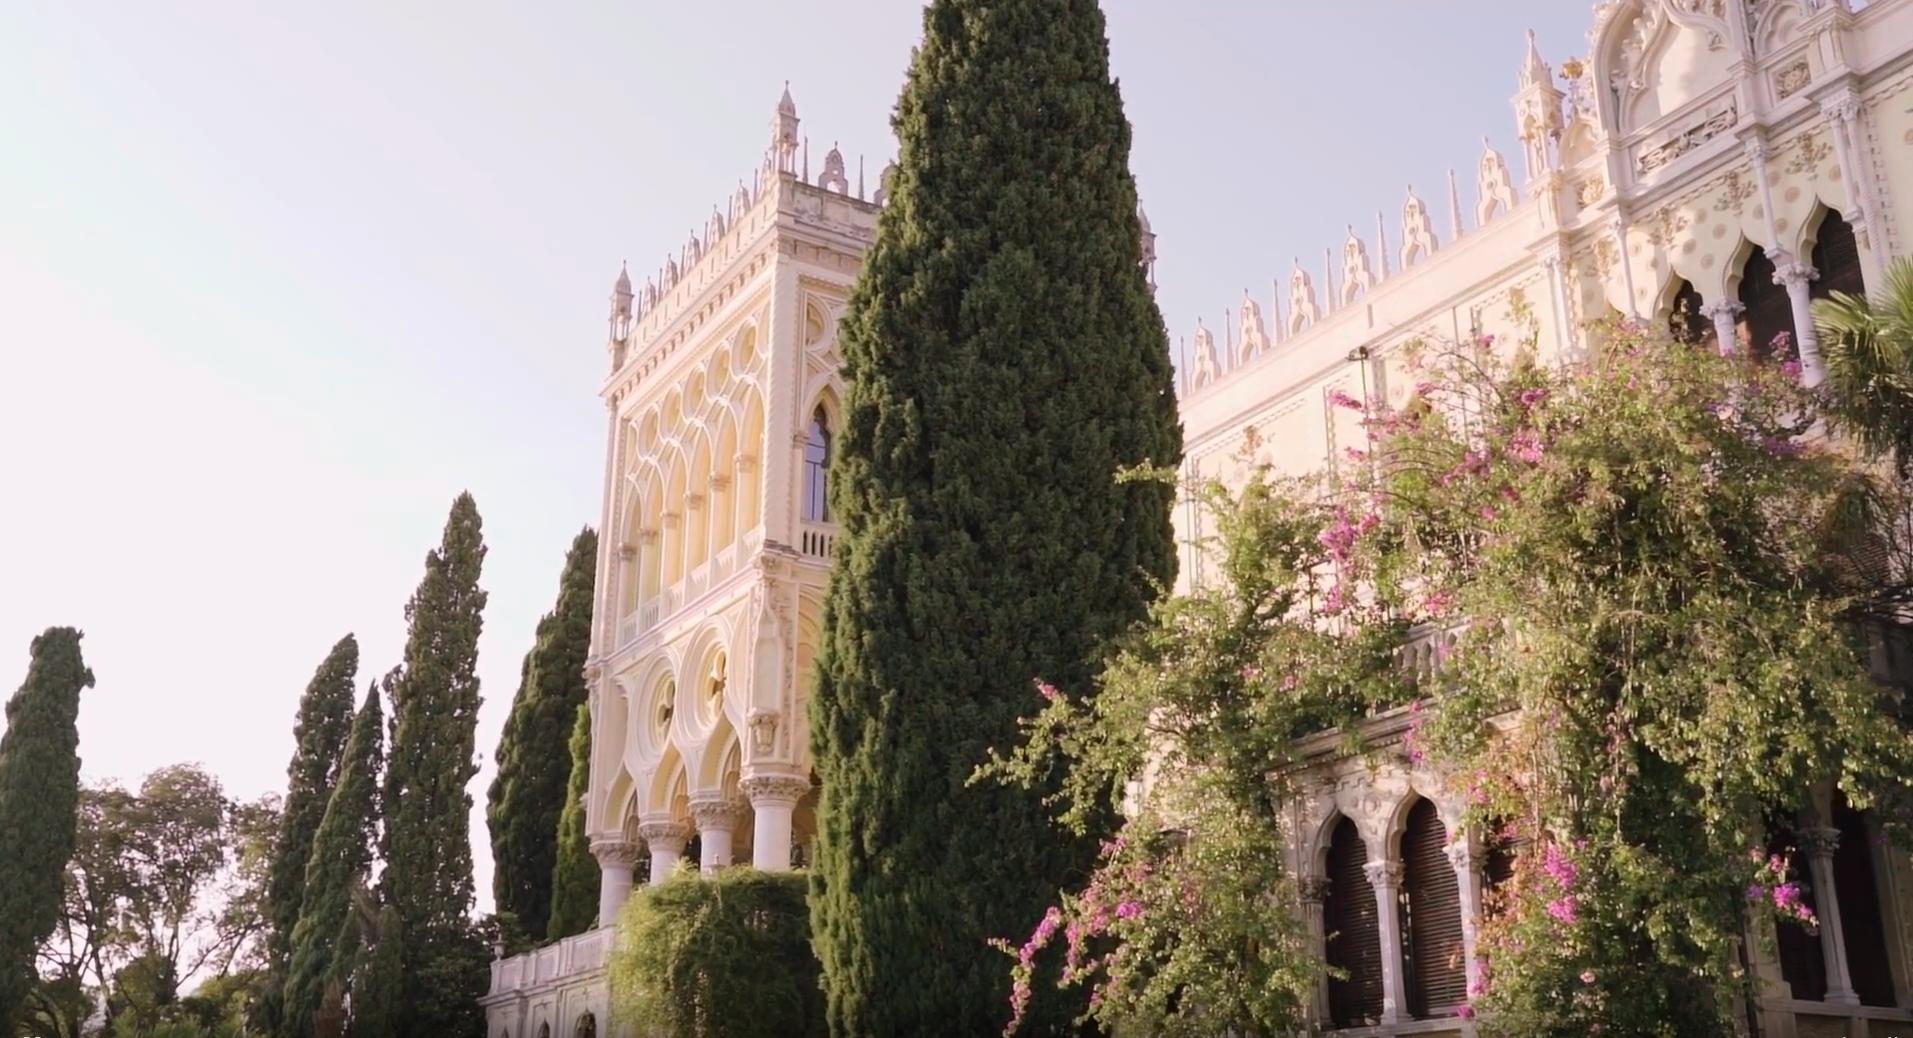 romantiskos vestuves italijoje saloje